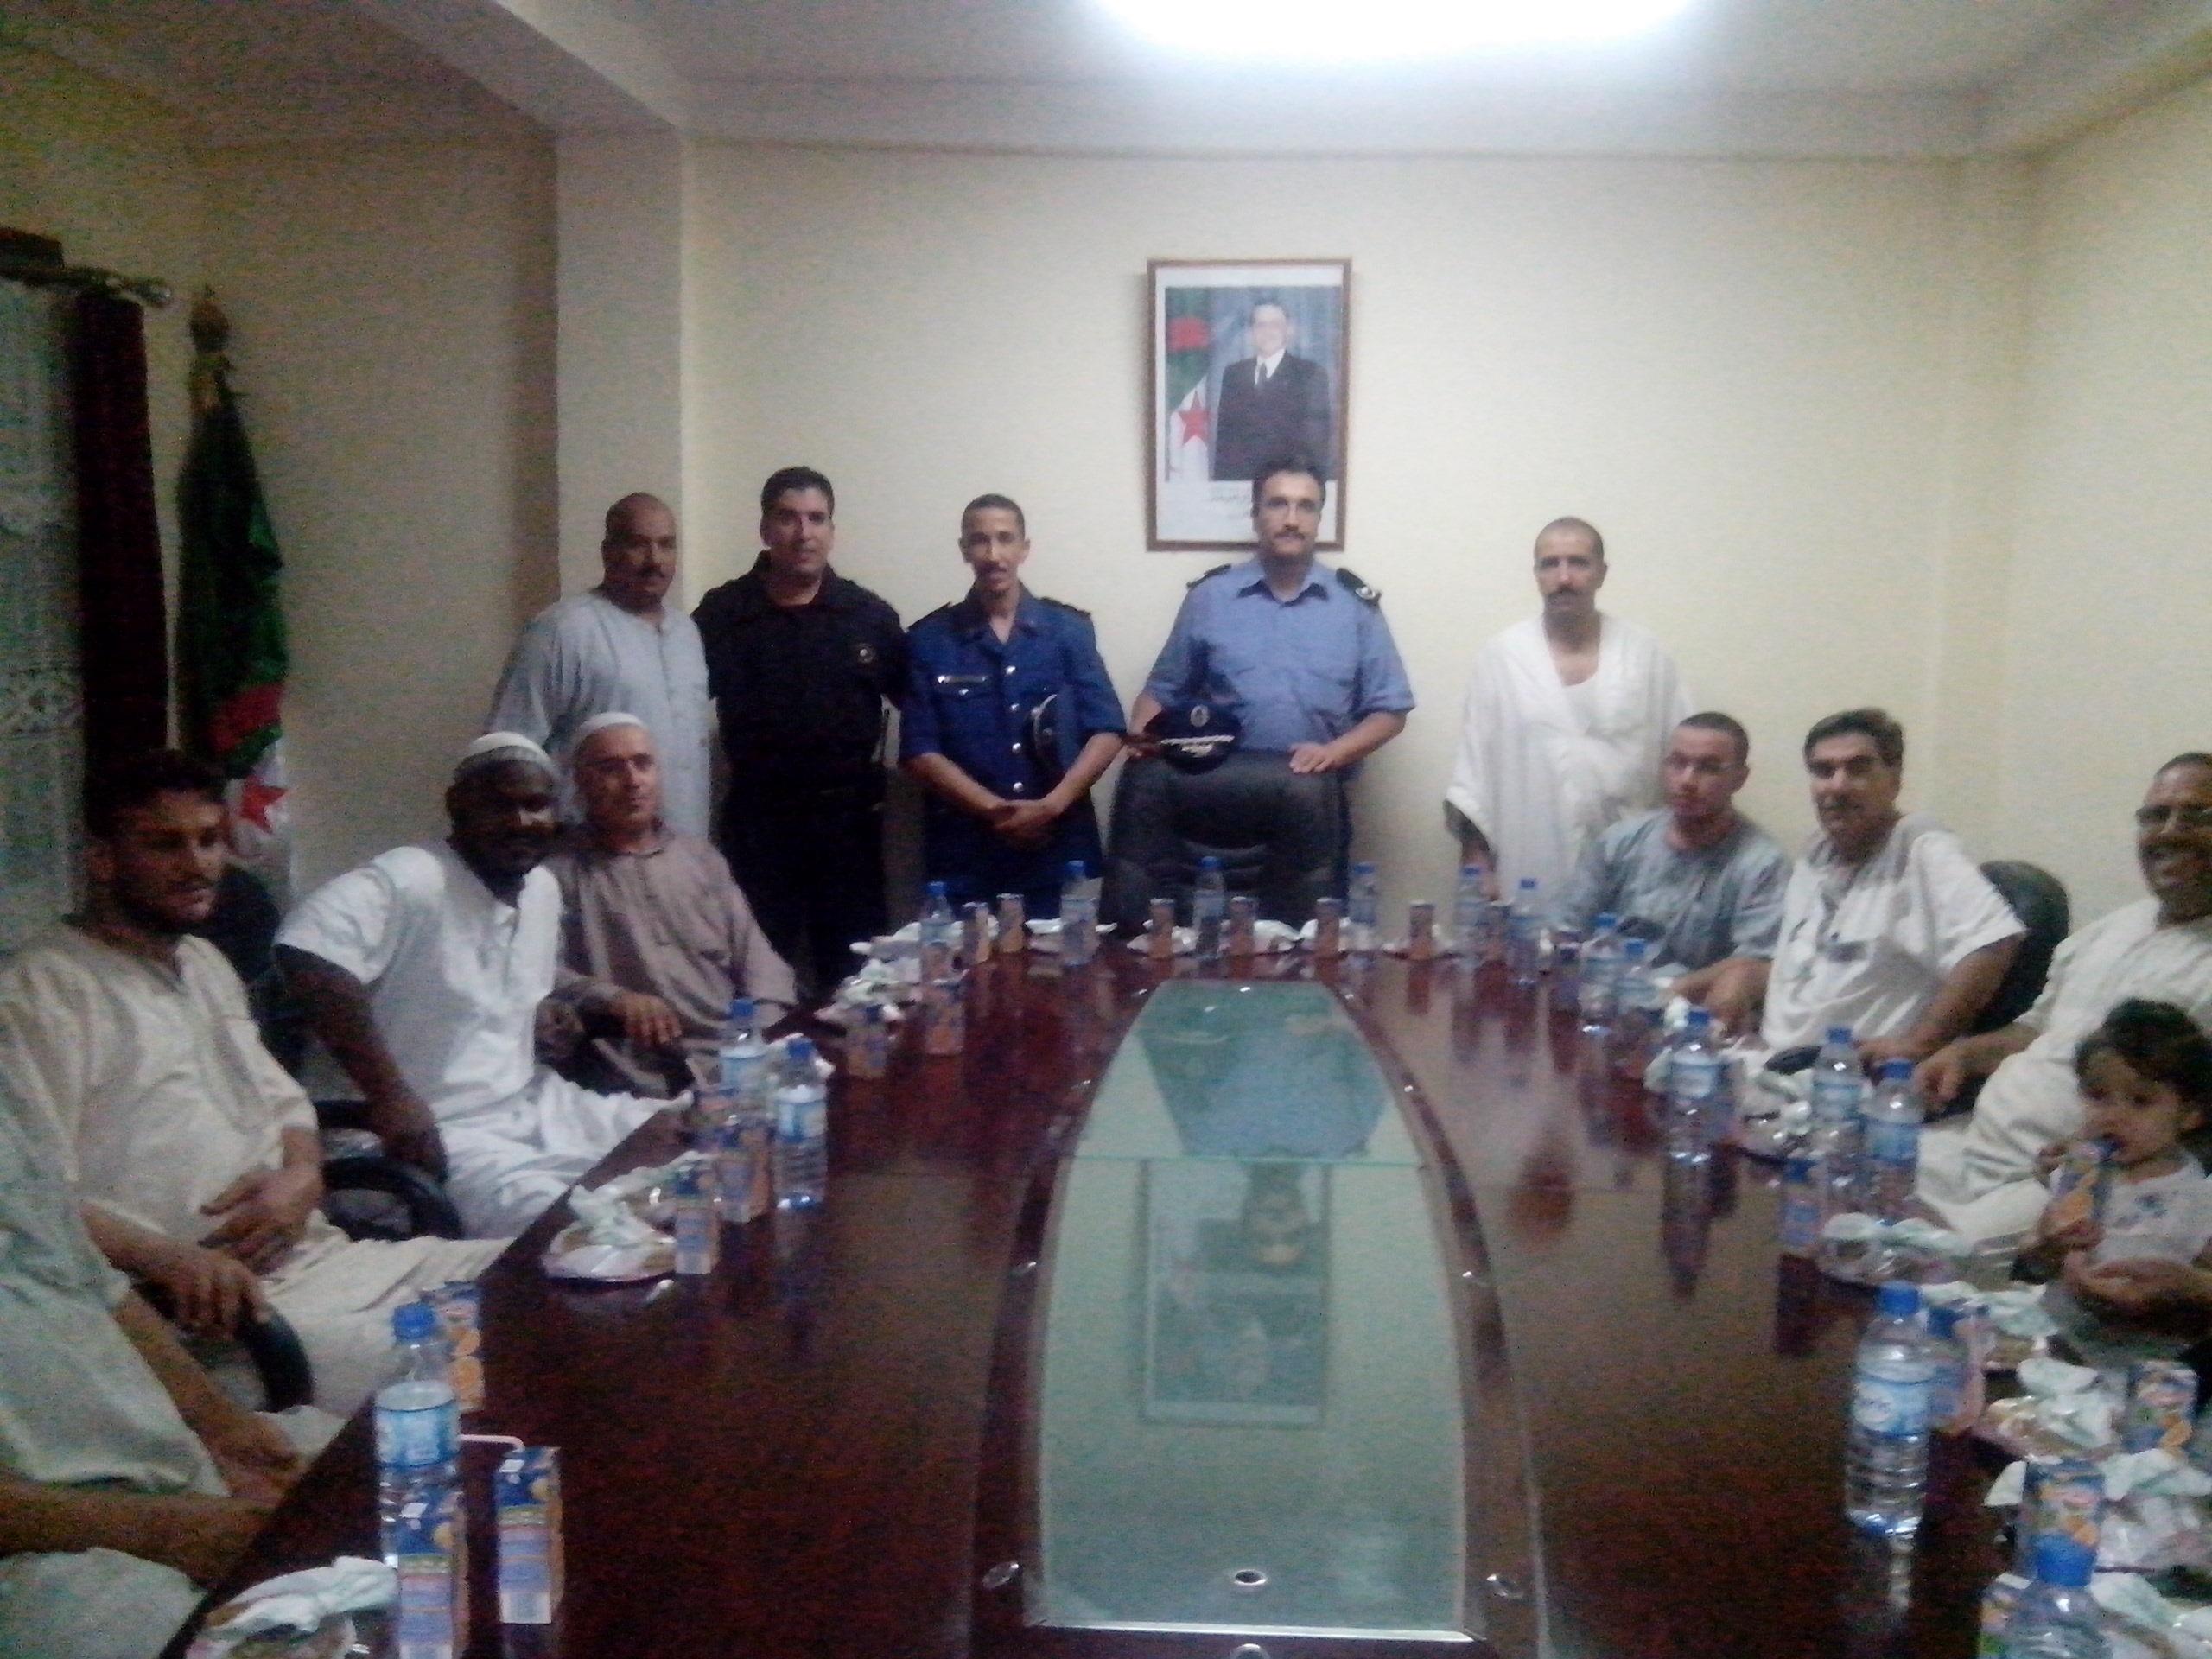 الأمن الحضري الخامس بورقلة  يحتفل بالذكرى الثانية والخمسين للشرطة